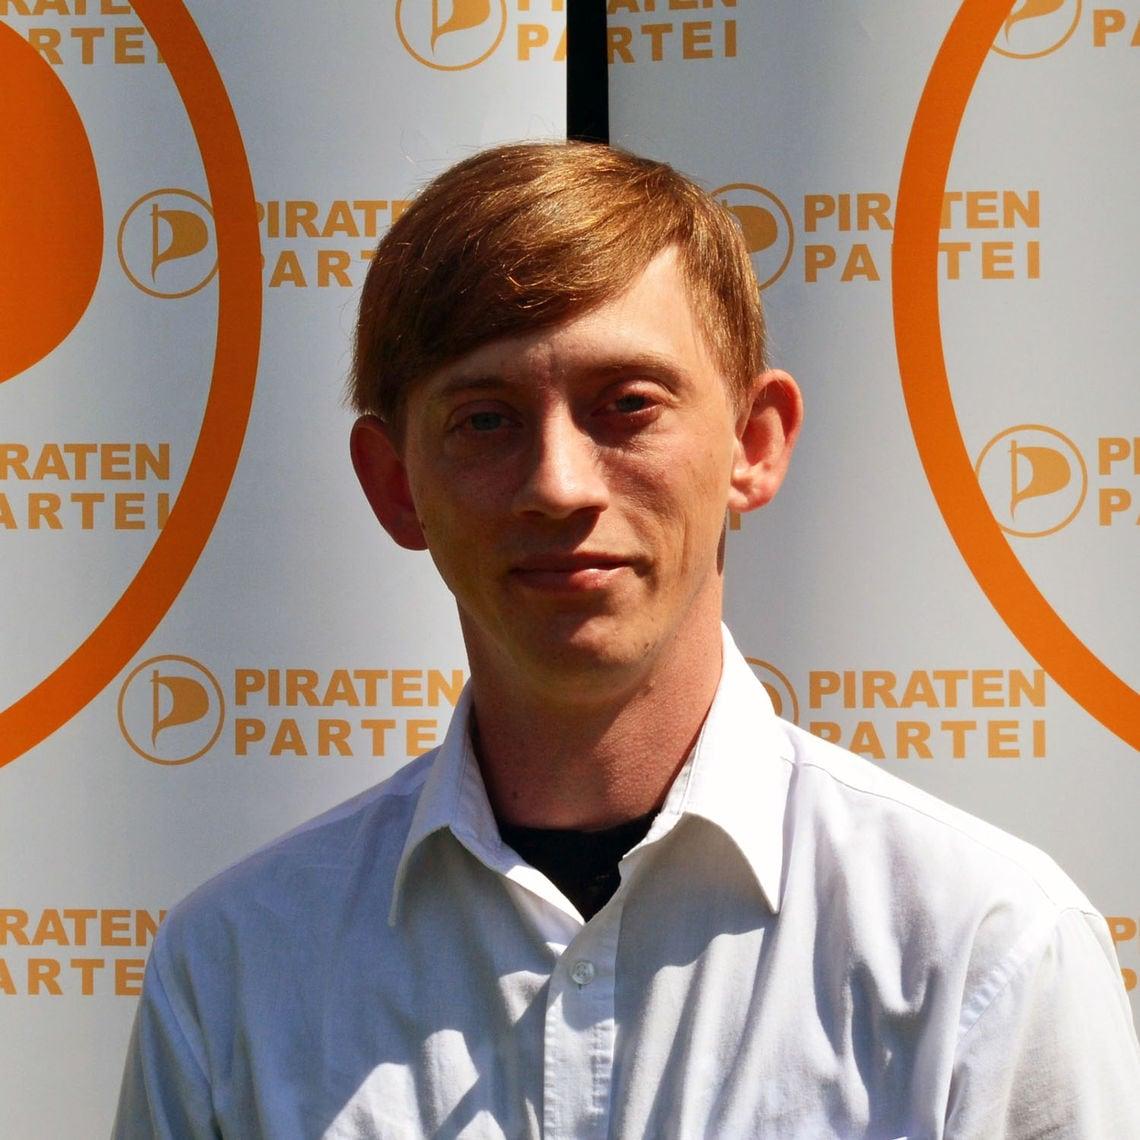 Benjamin Wildenauer, Spitzenkandidat der Piratenpartei in Bayern.